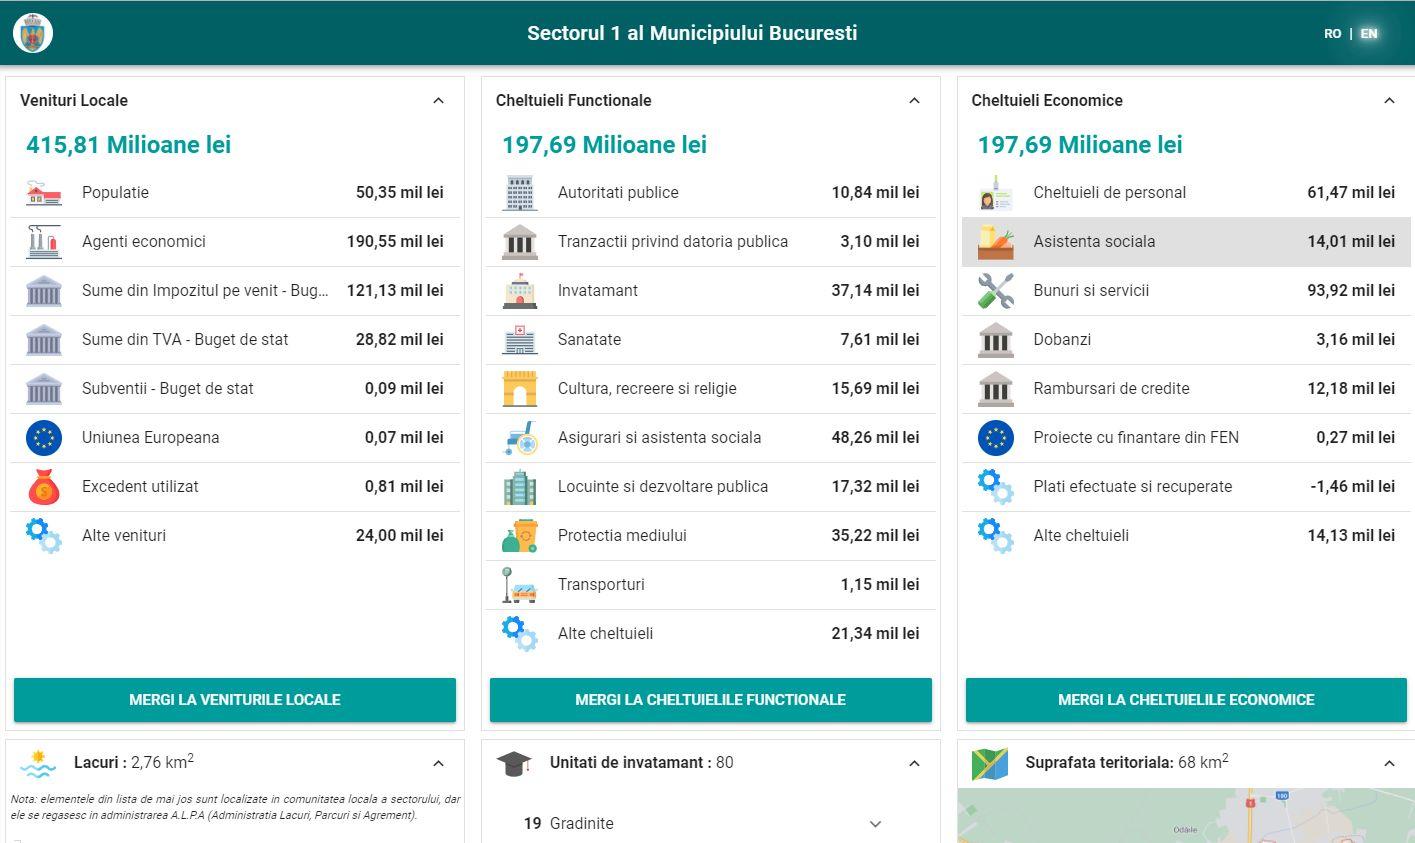 ONG: Primăria Sectorului 1 a avut cea mai completă vizualizare a datelor bugetare